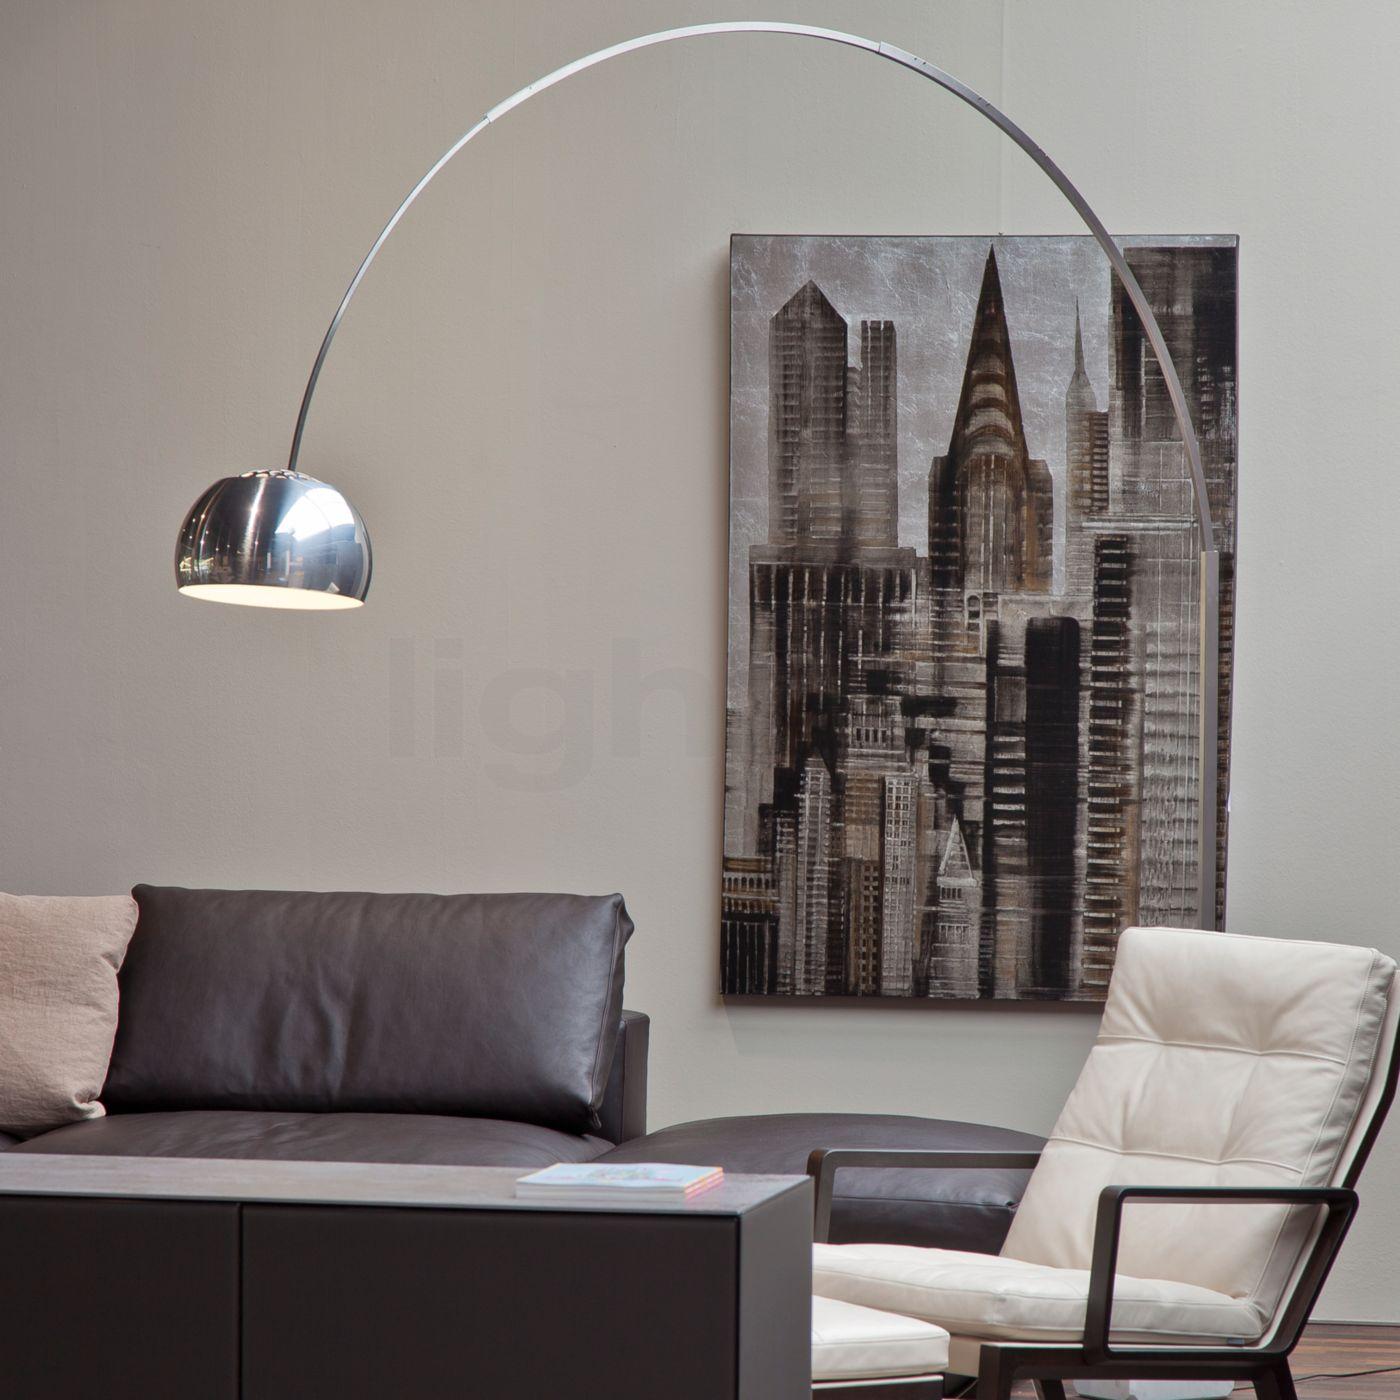 Arco Stehleuchte arco led flos kaufen bei light11 de